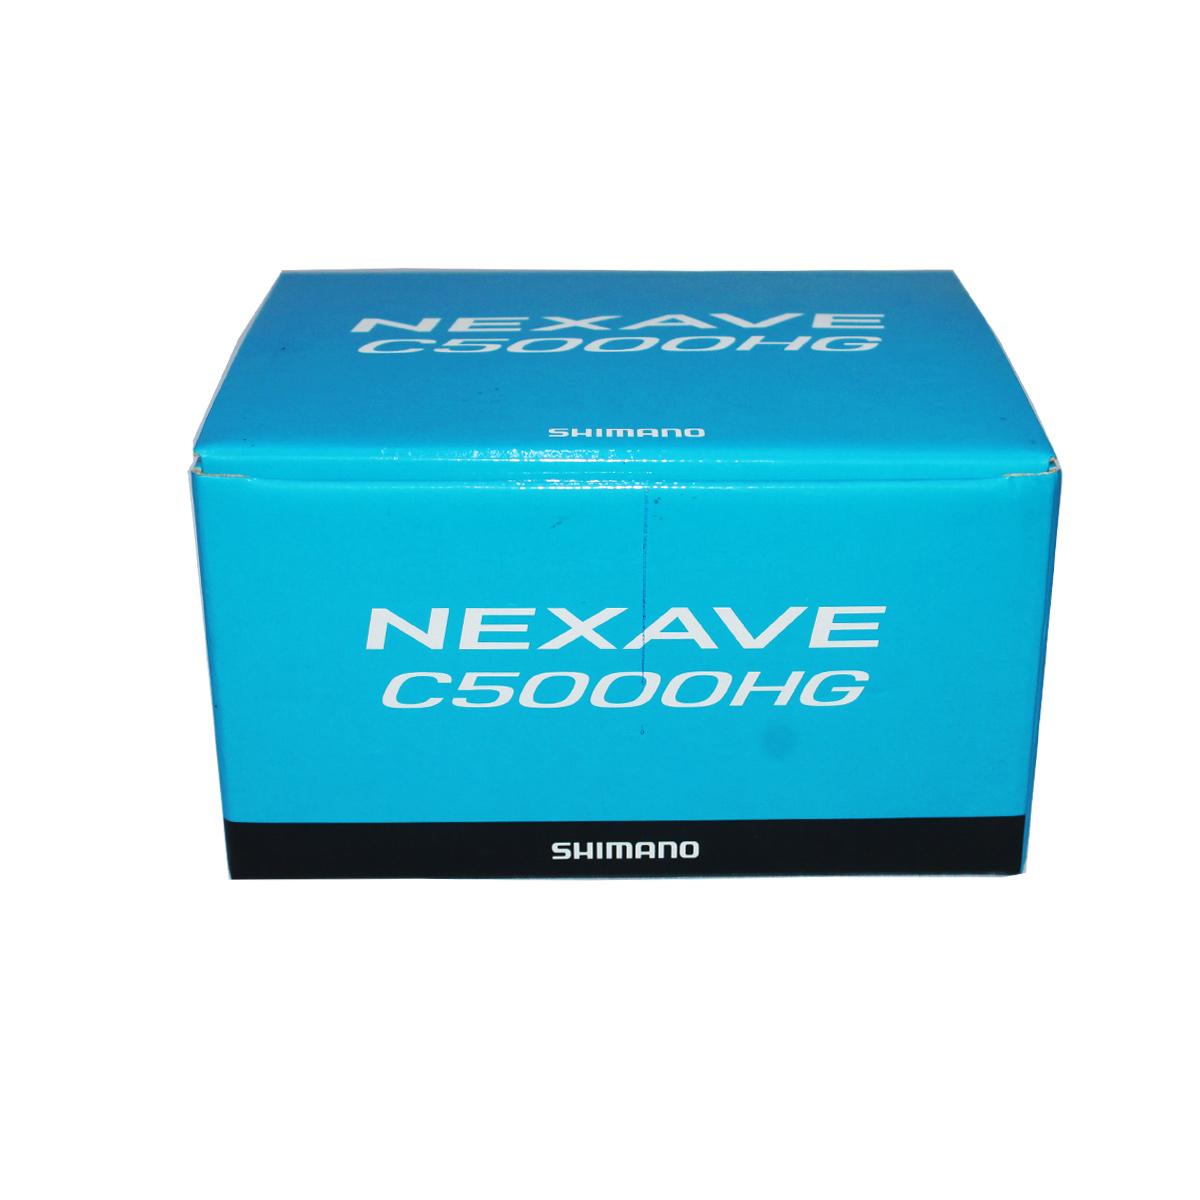 Máy Câu Shimano Nexave C5000HG - Chính Hãng - Bảo Hành 12 Tháng